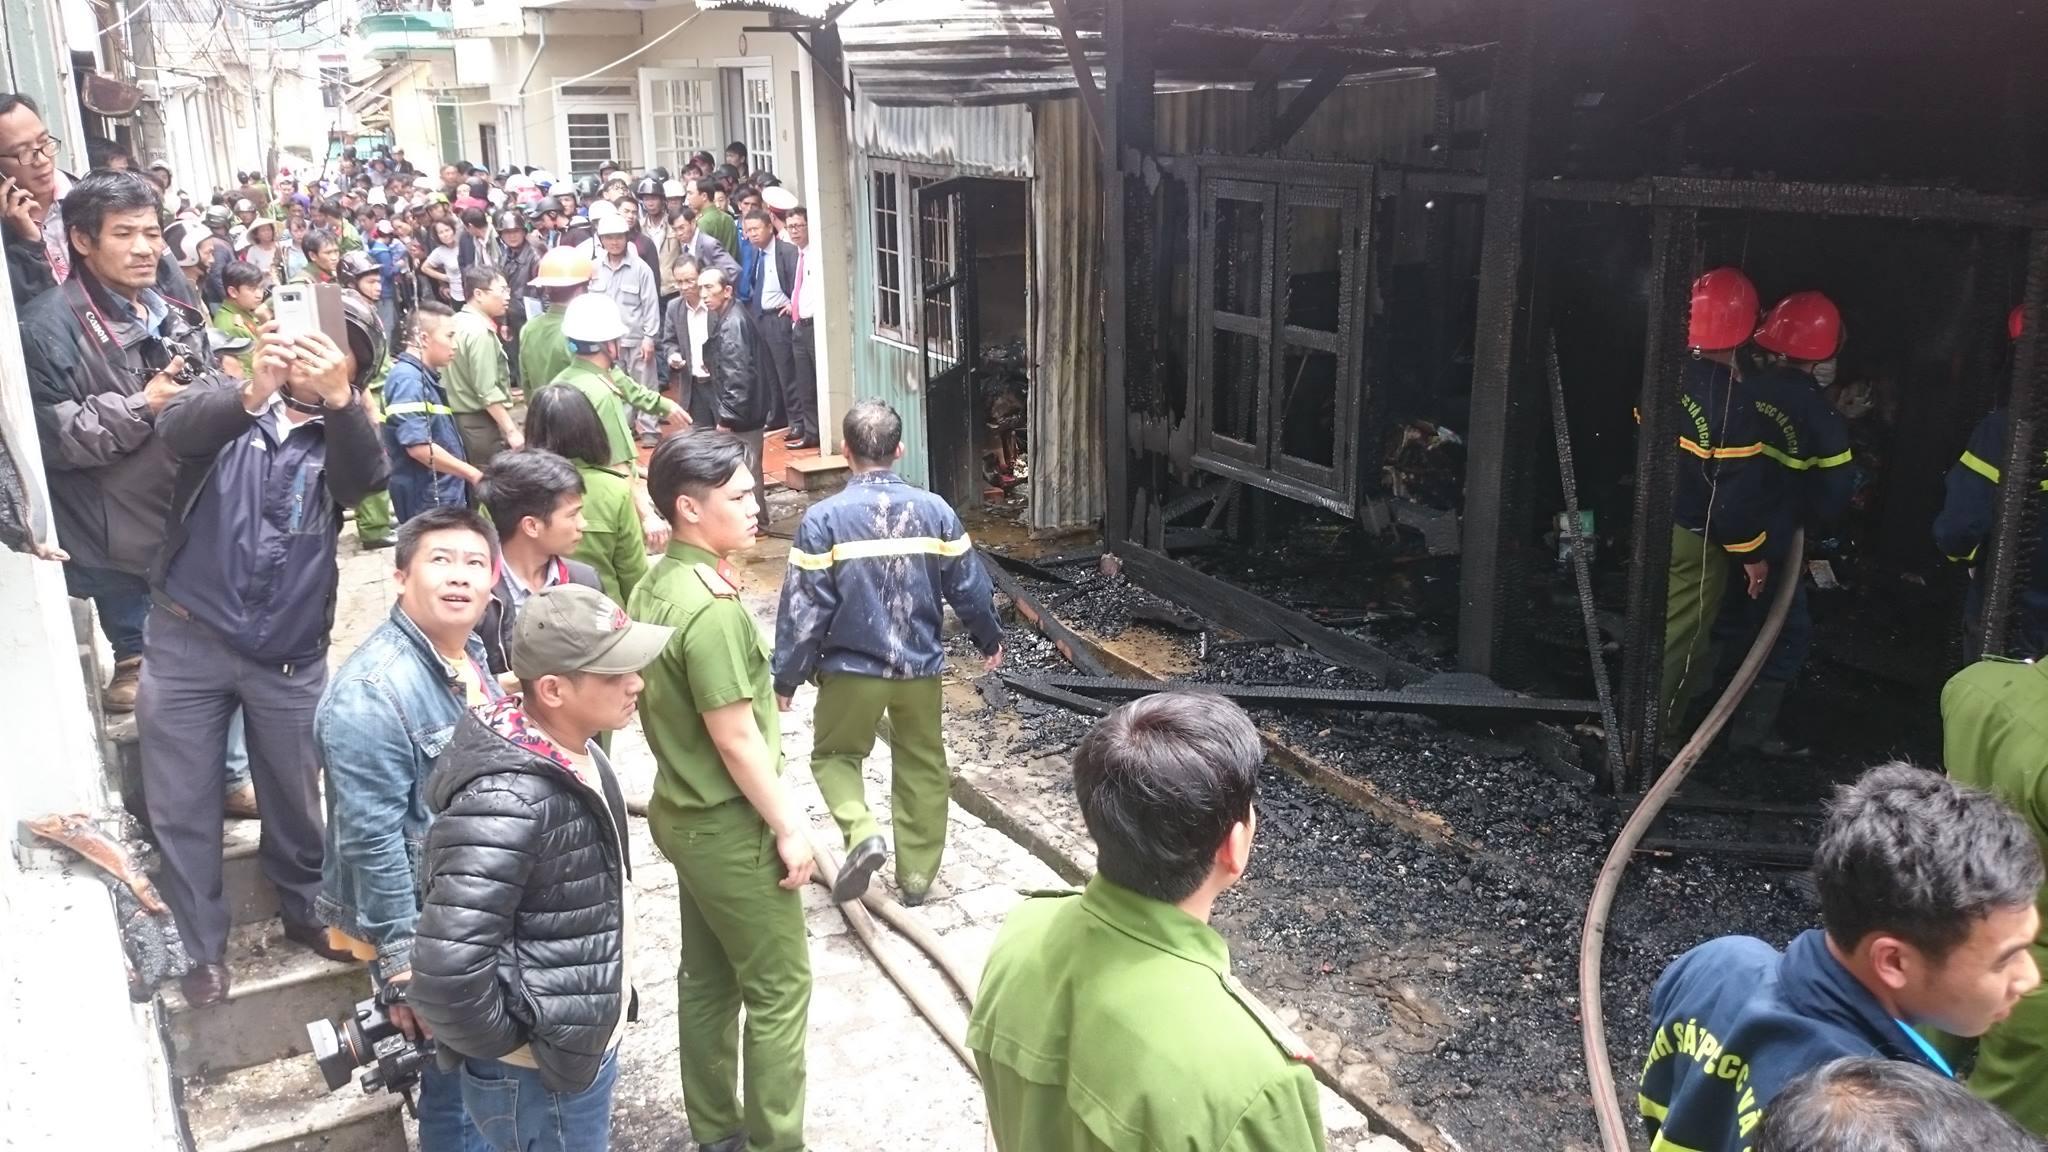 Hỏa hoạn ở trung tâm Đà Lạt, cụ già 92 tuổi tử vong 1